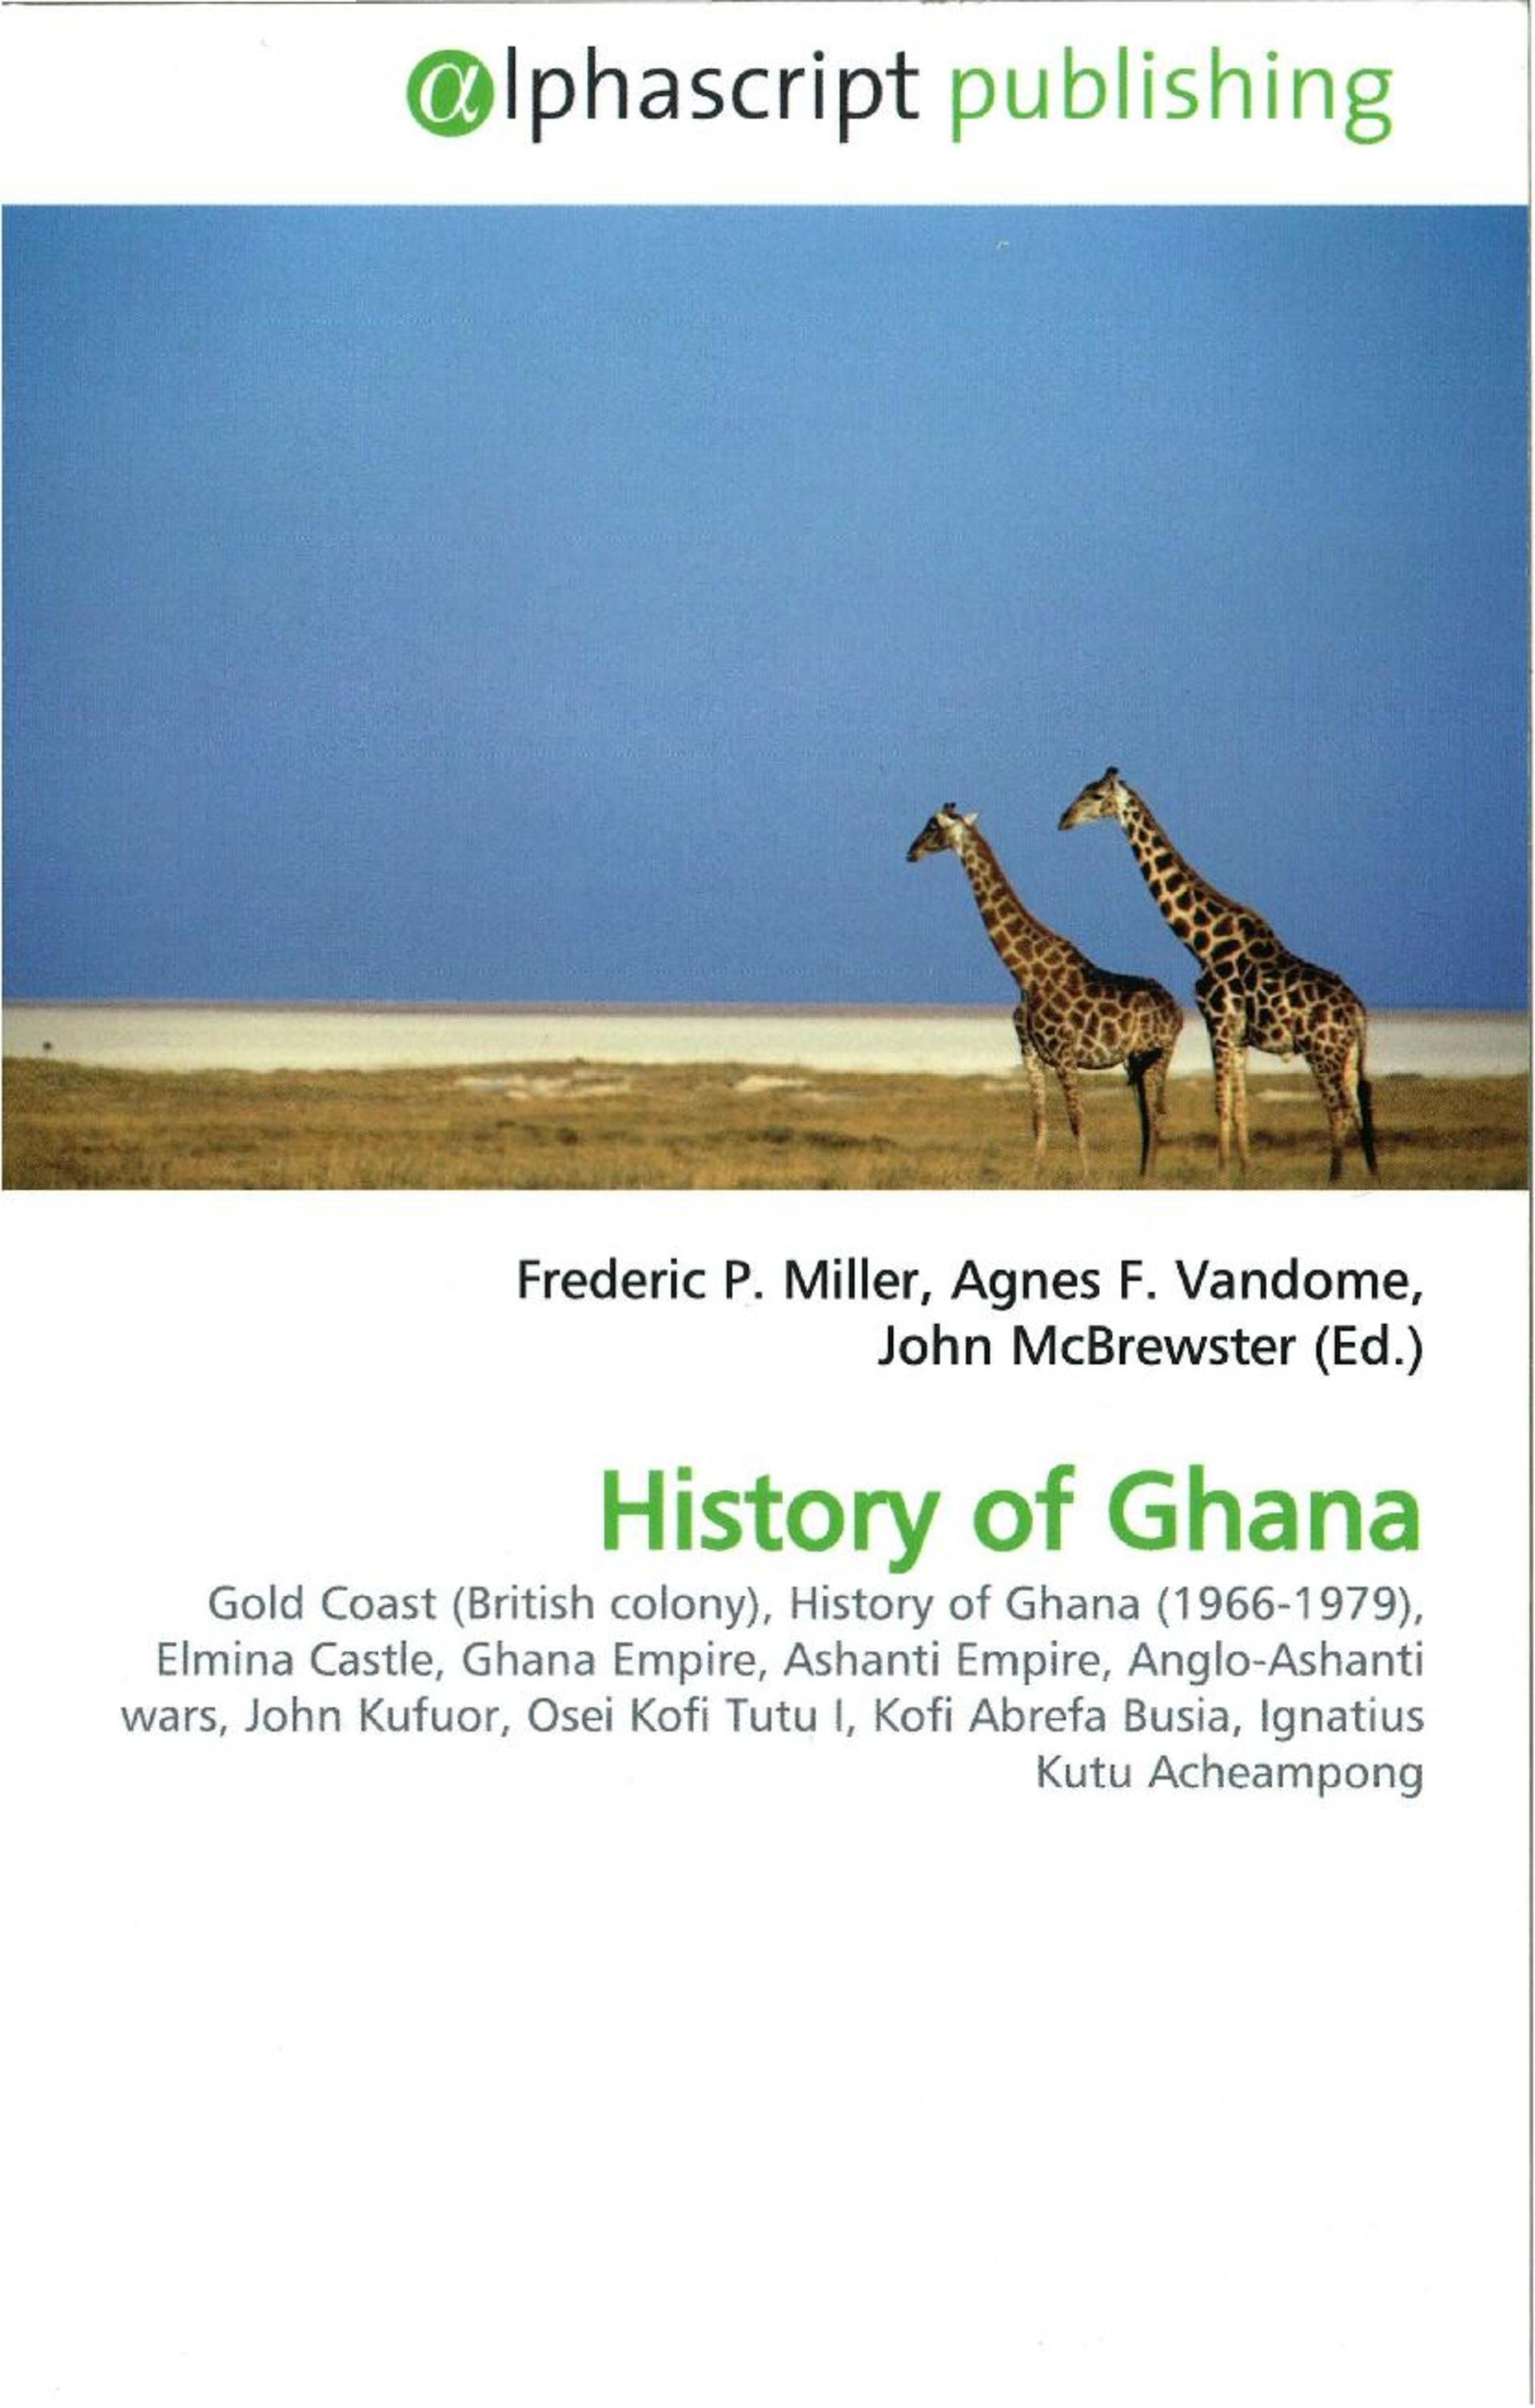 dissertation publication